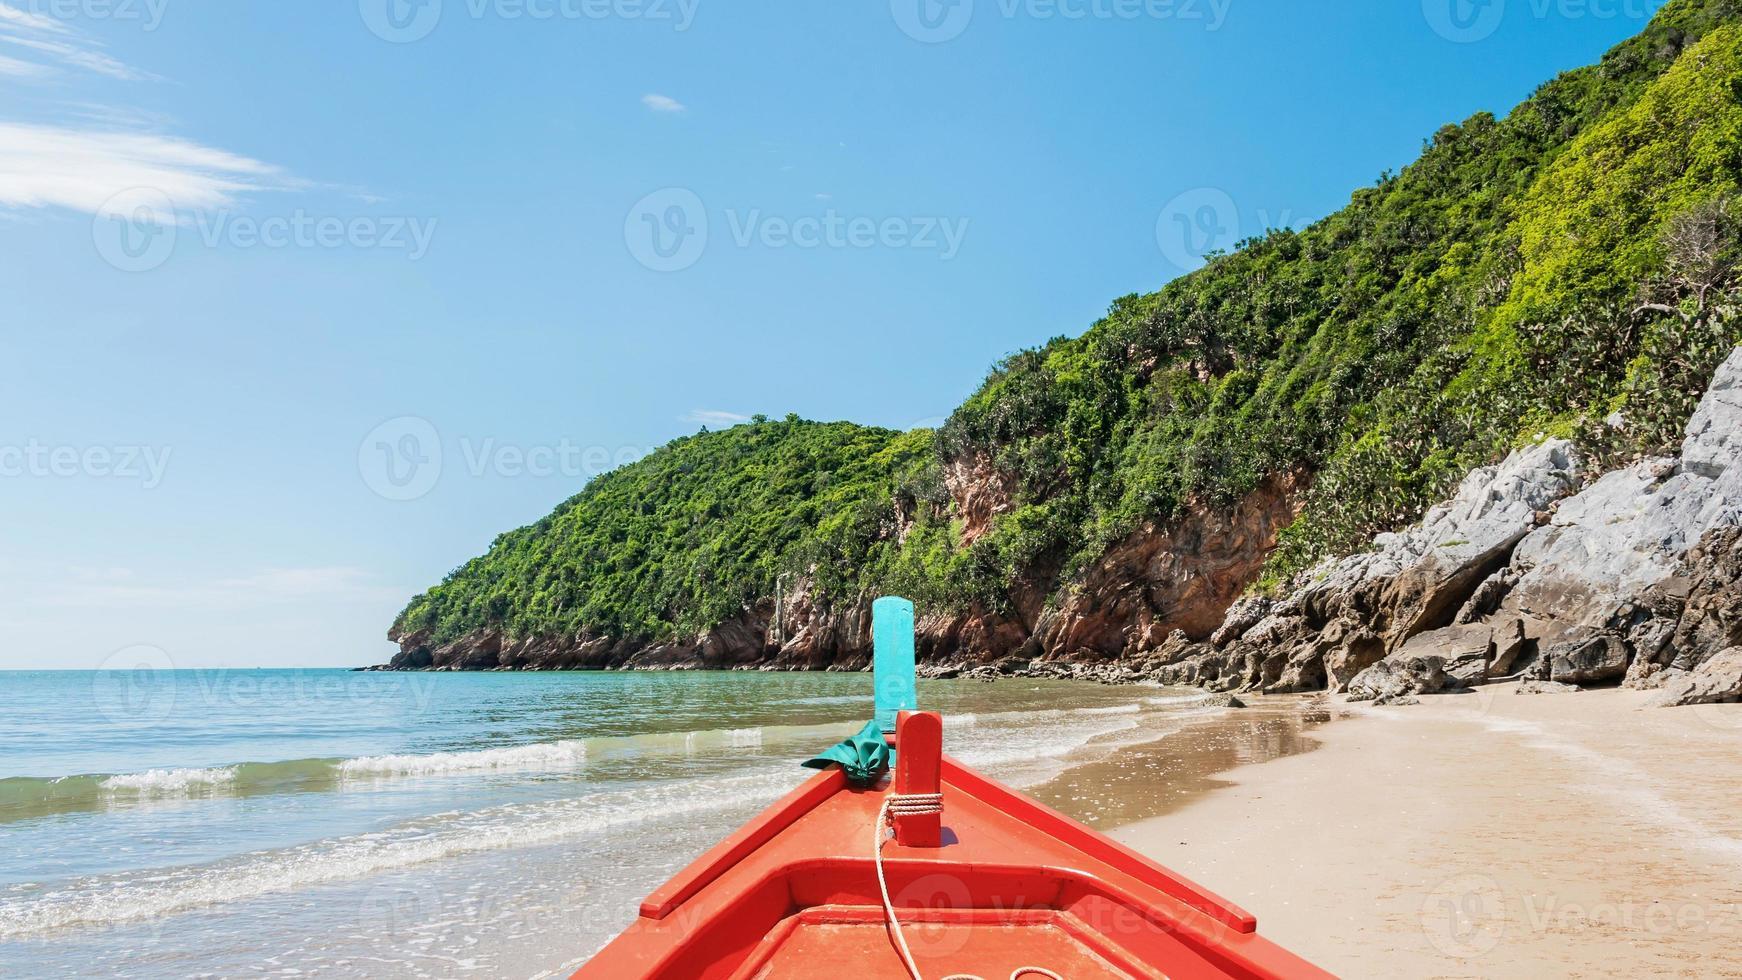 île et plage à la lumière du jour photo